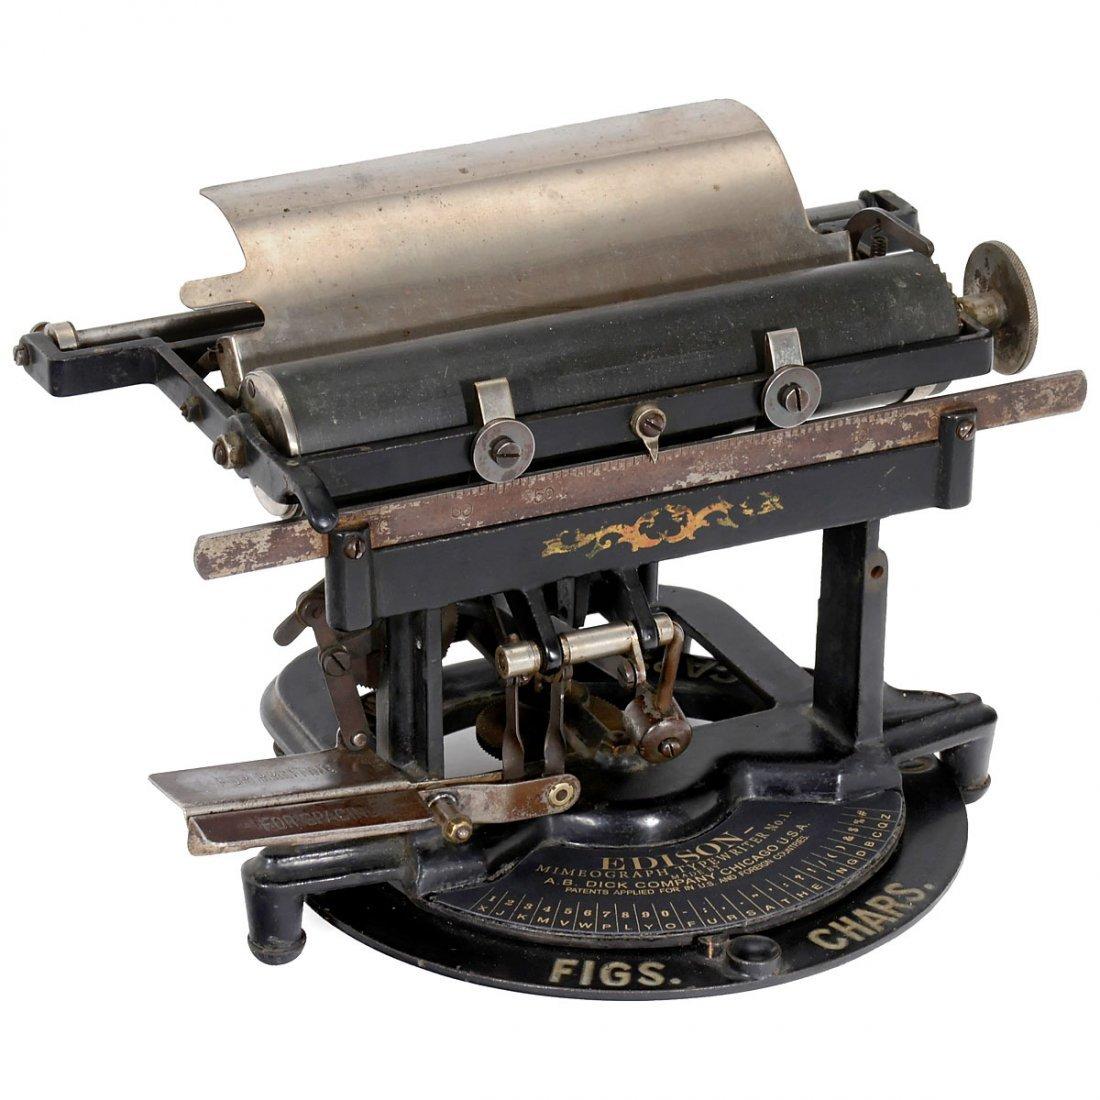 Edison Mimeograph Typewriter No. 1, 1894 - 2